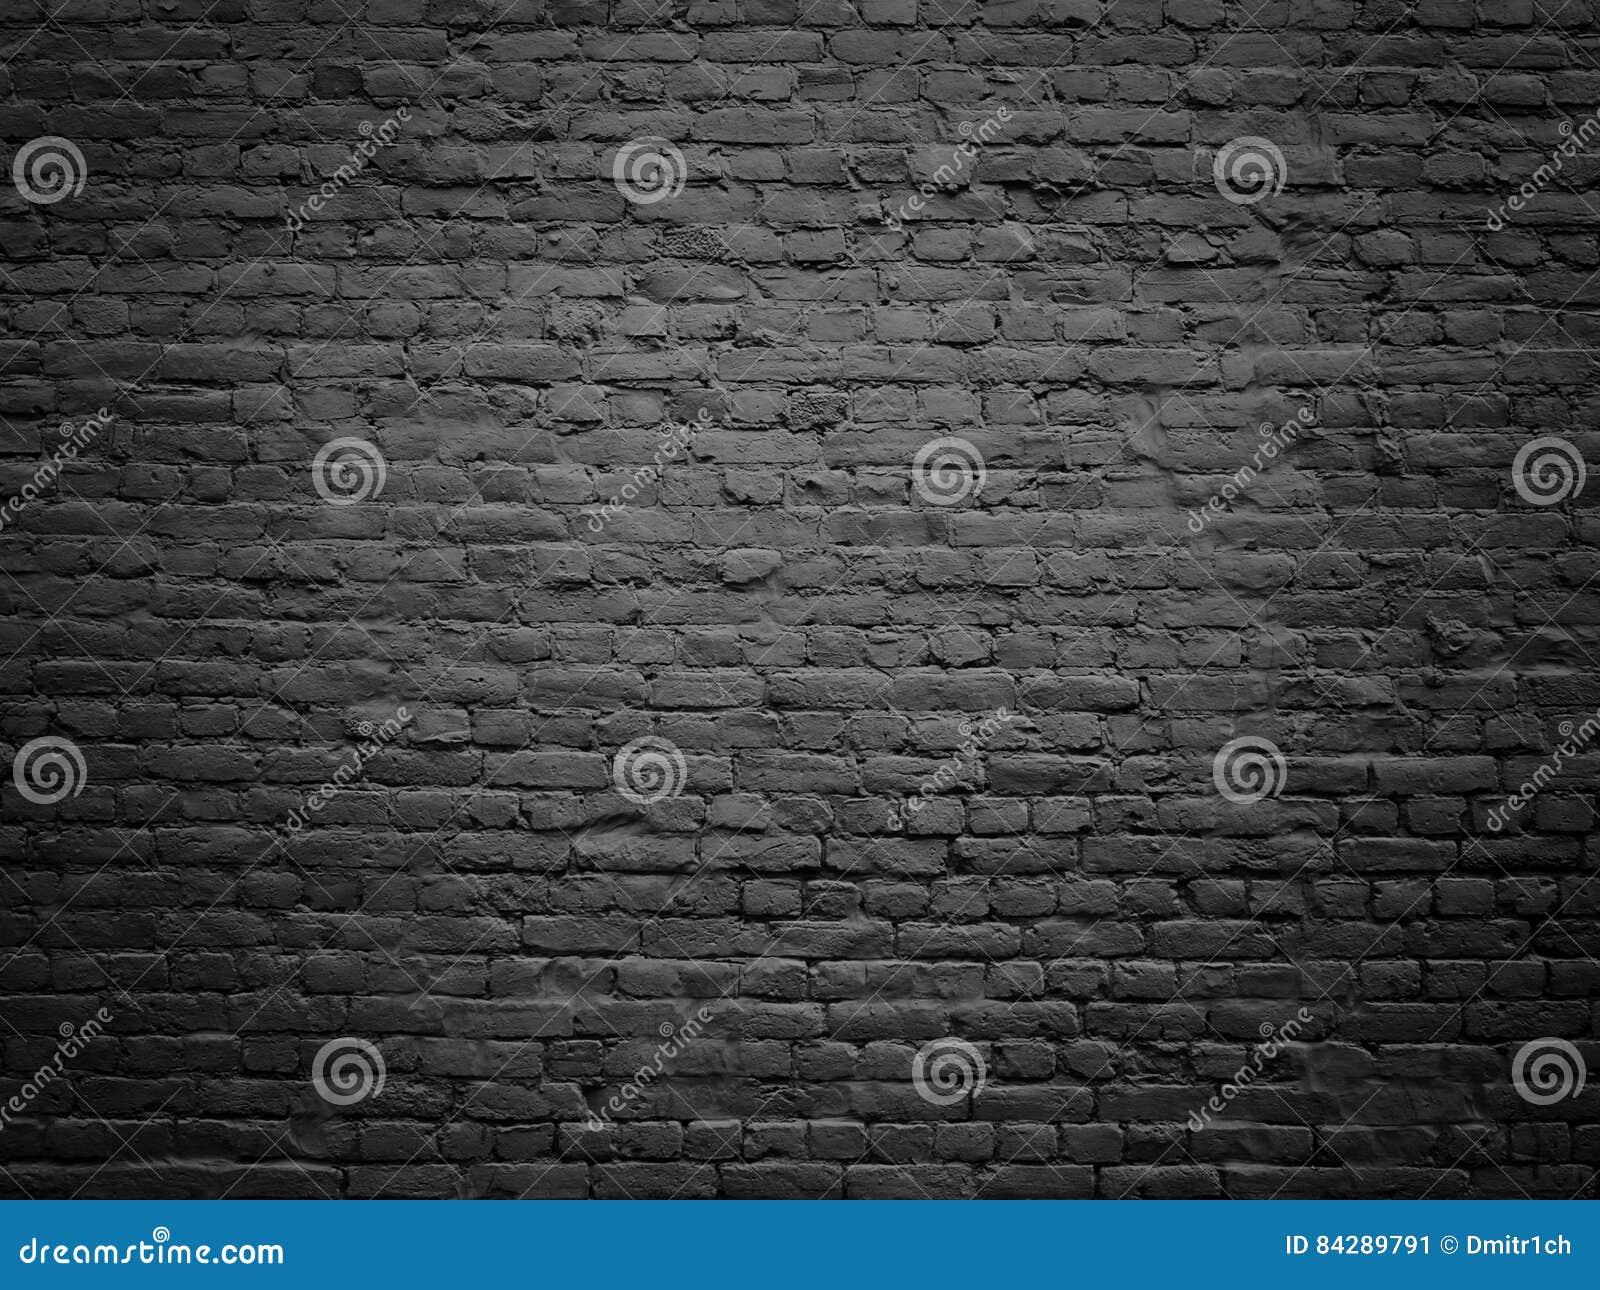 texture d 39 un mur de briques noir fond fonc pour la conception image stock image du contexte. Black Bedroom Furniture Sets. Home Design Ideas